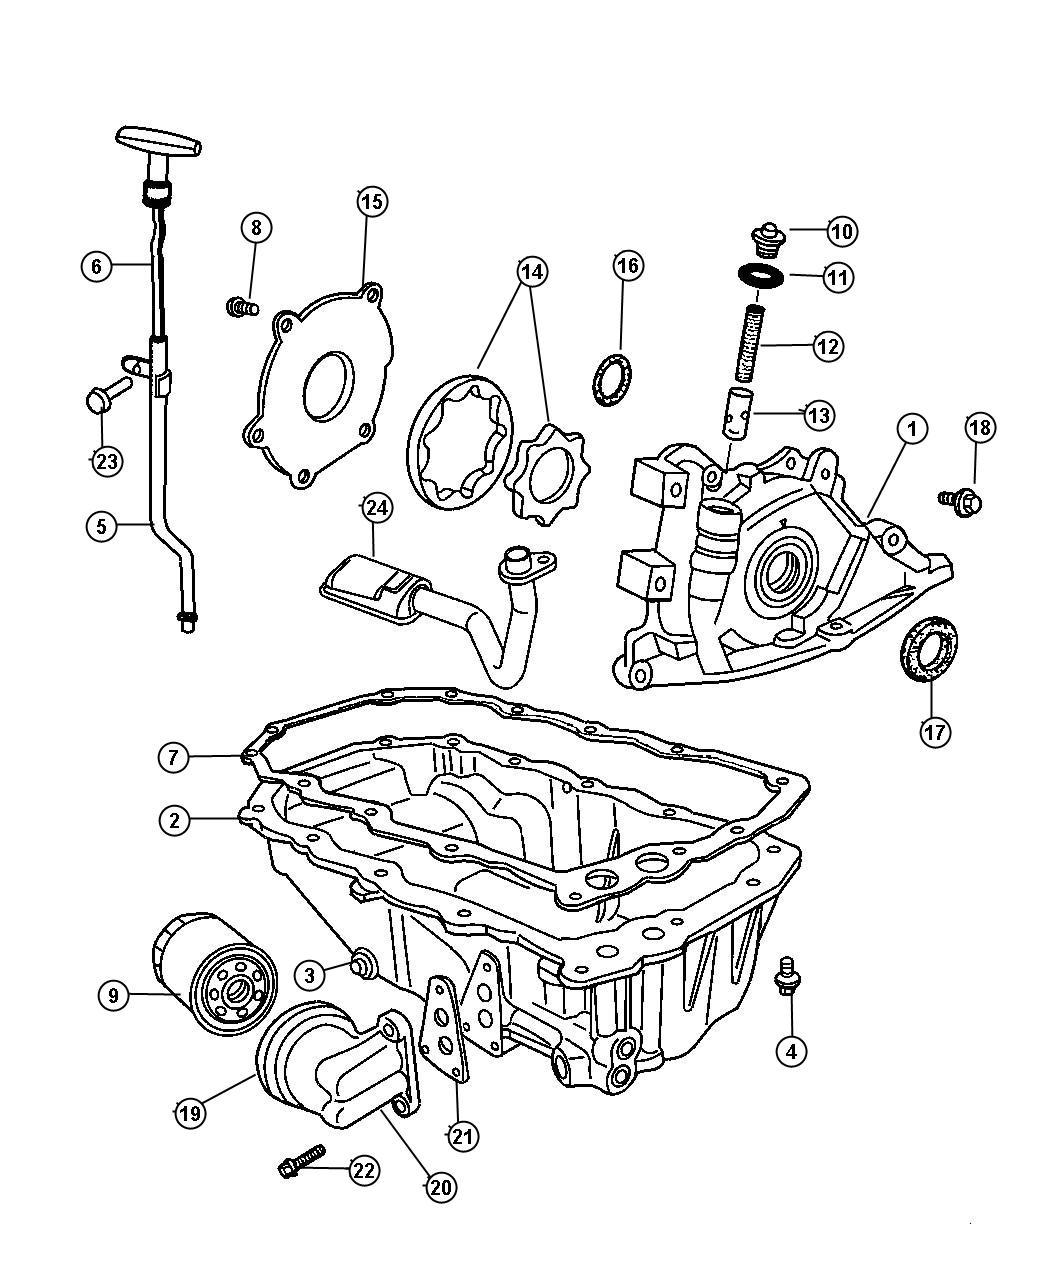 Engine Oiling 2 4l 4 Cyl Dohc 16v Mpi Edz